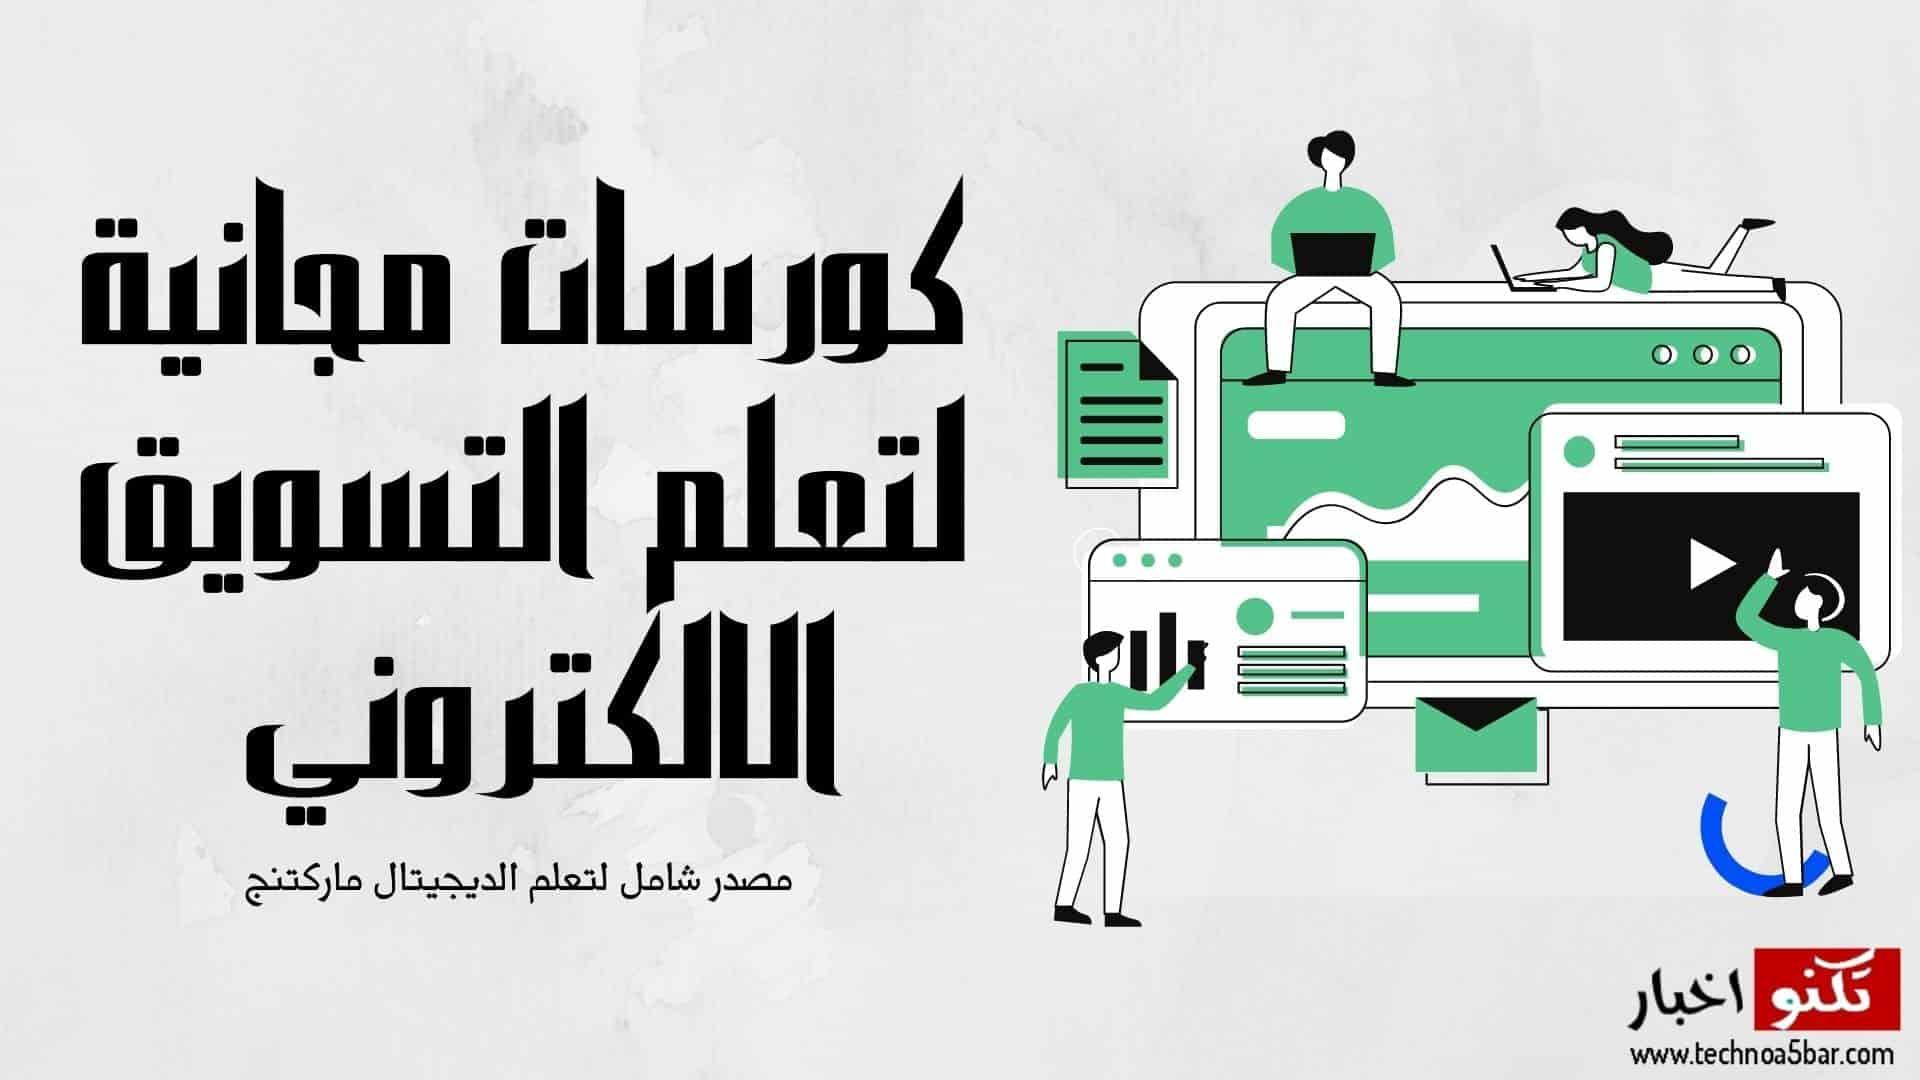 كورسات مجانية لتعلم التسويق الرقمي - مصدر شامل لتعلم الديجيتال ماركتنج